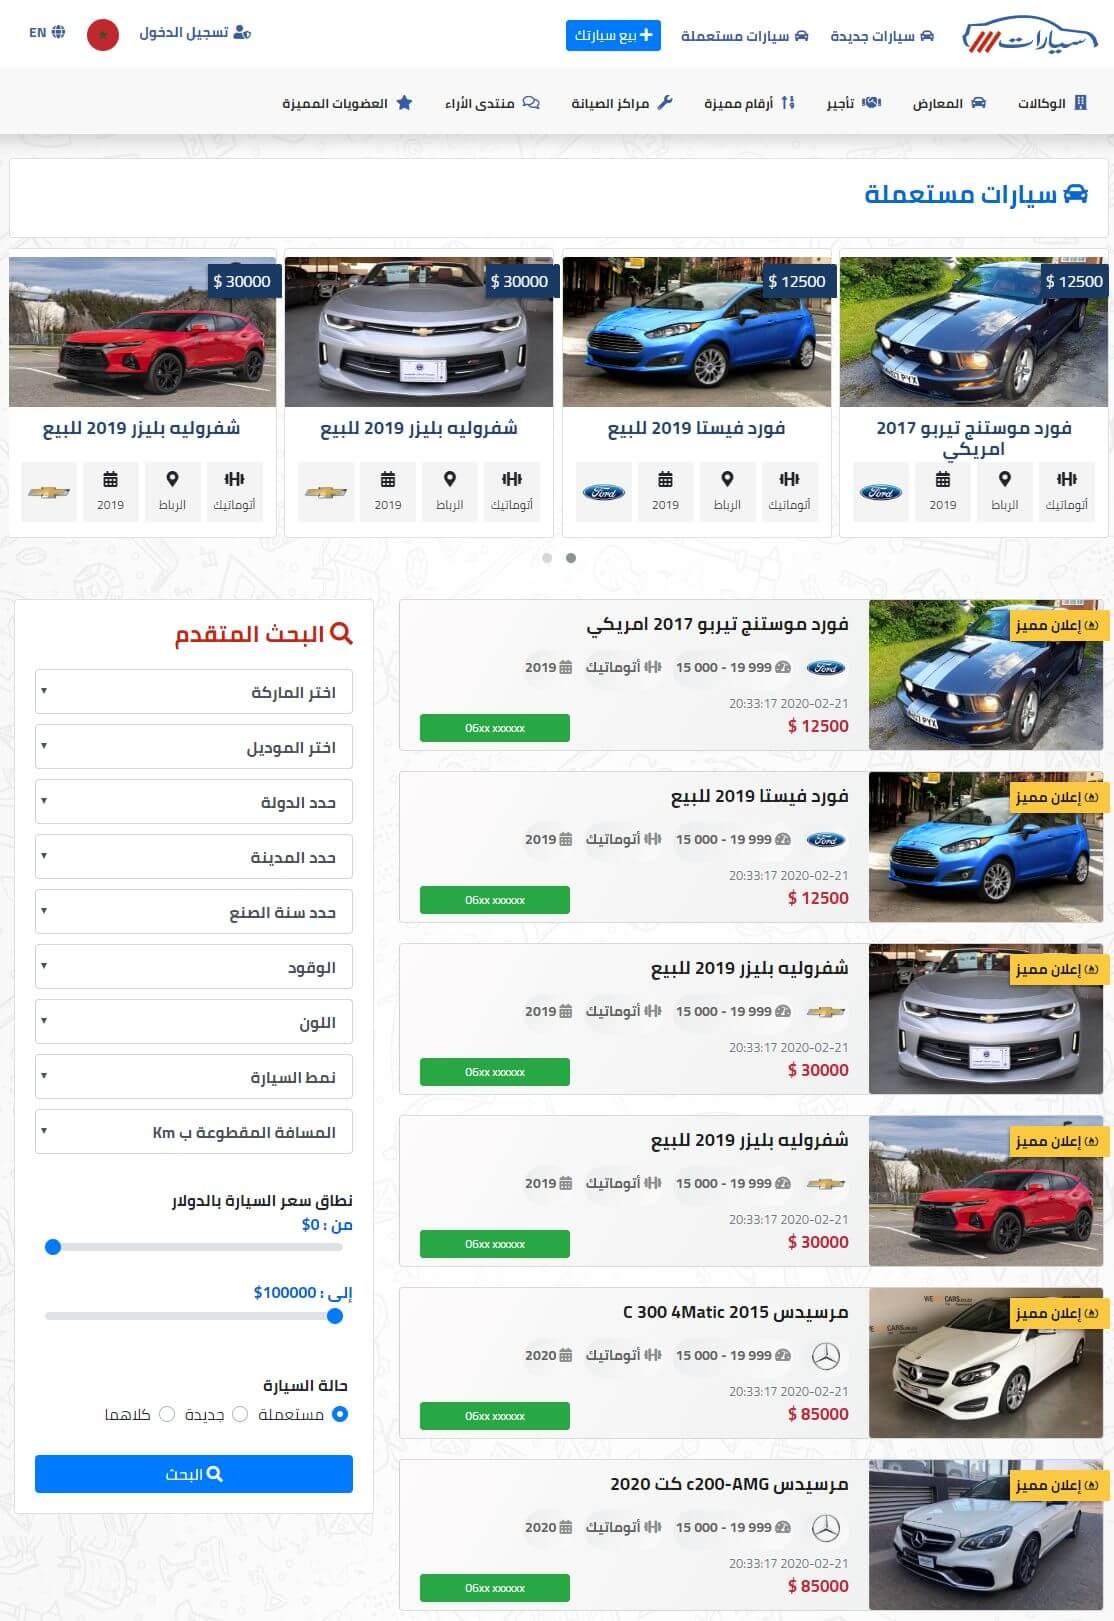 سكربت السيارات مع تطبيقات الموبايل